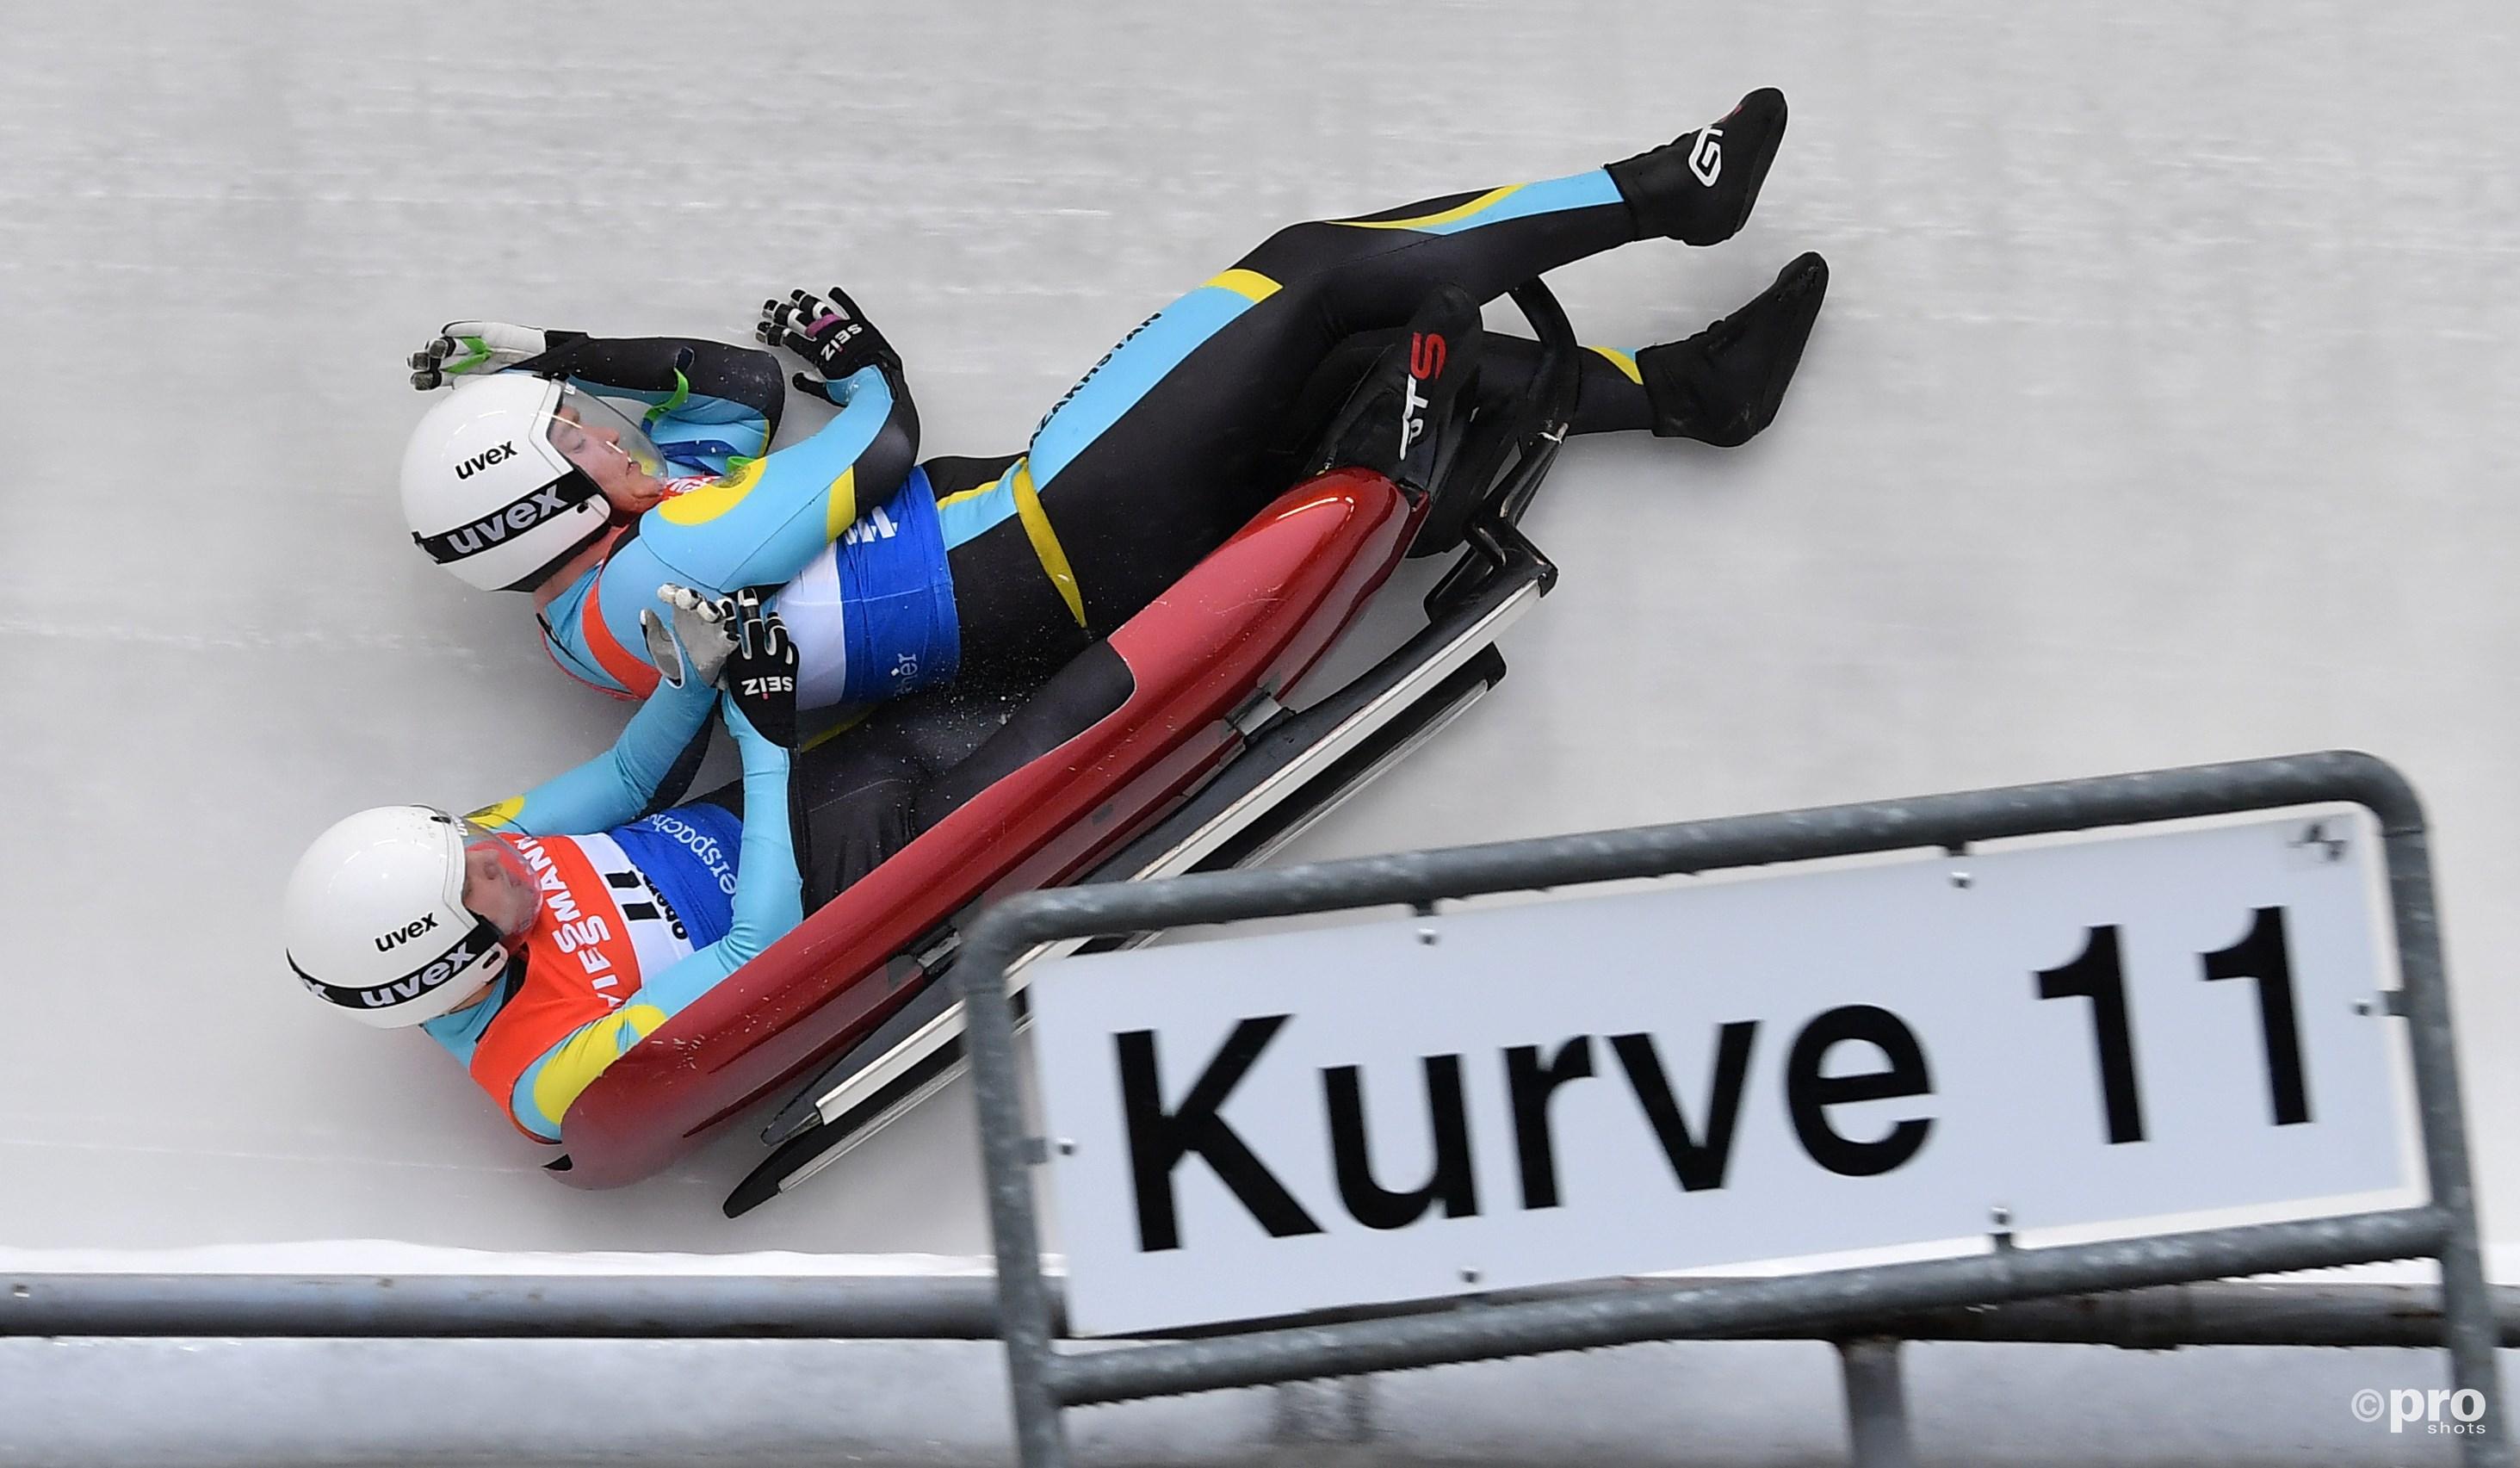 Voor Andrey Shander en Semen Mikov uit Kazachstan ging het in de estafette niet zo lekker (Pro Shots/Zuma Press)